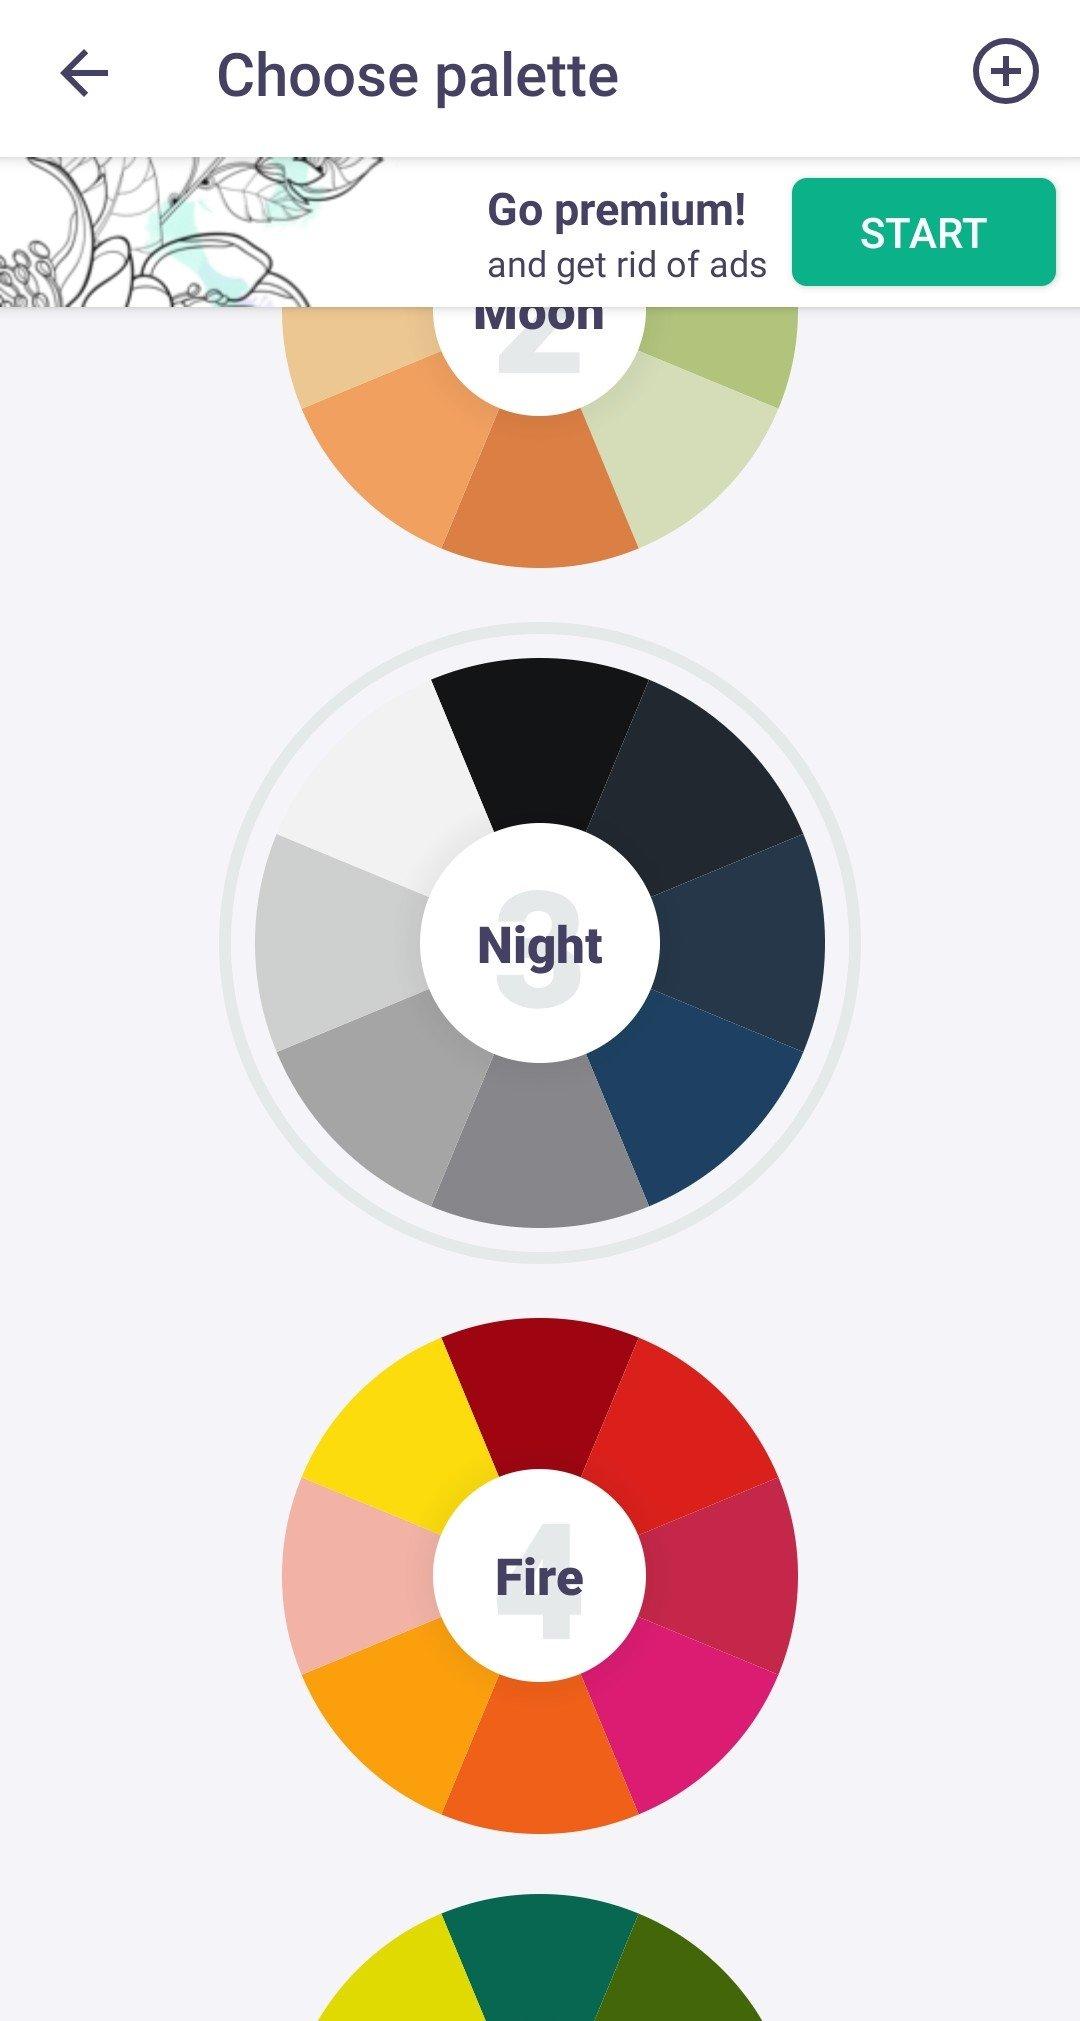 Descargar Libro de colorear para mí 3.2 para Android - APK Gratis en ...